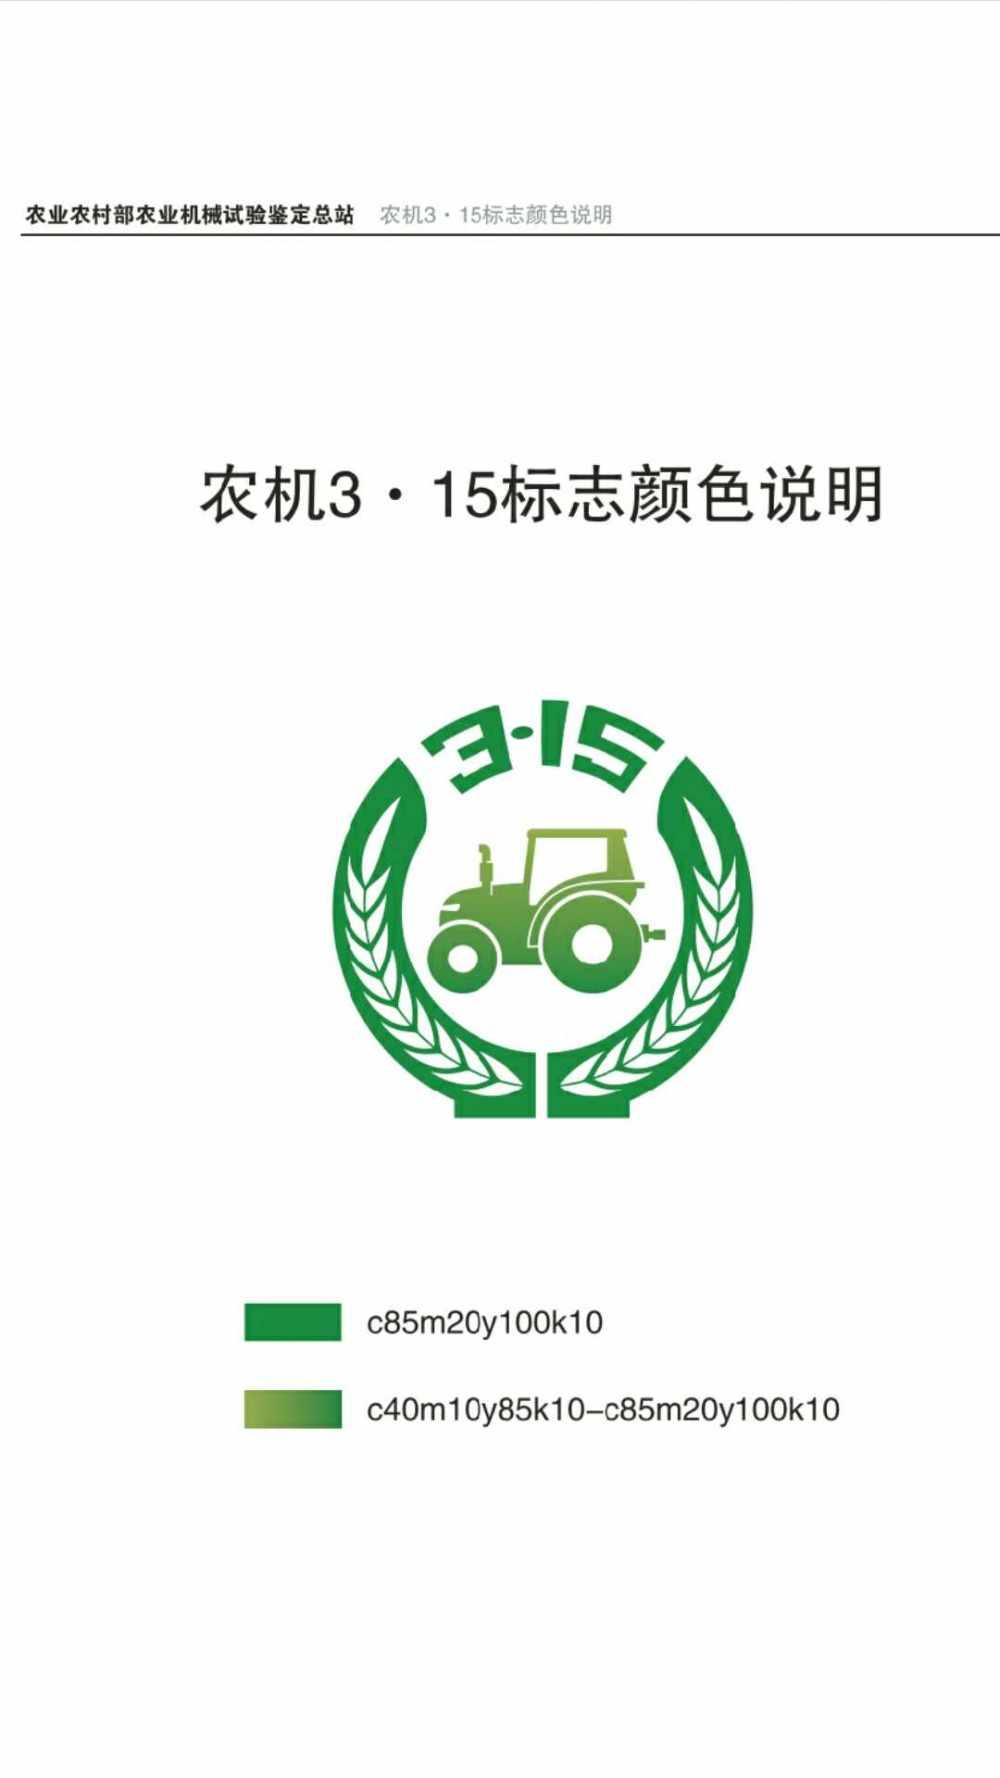 """农业农村部农机试验鉴定总站发布使用""""农机3.15""""标志"""